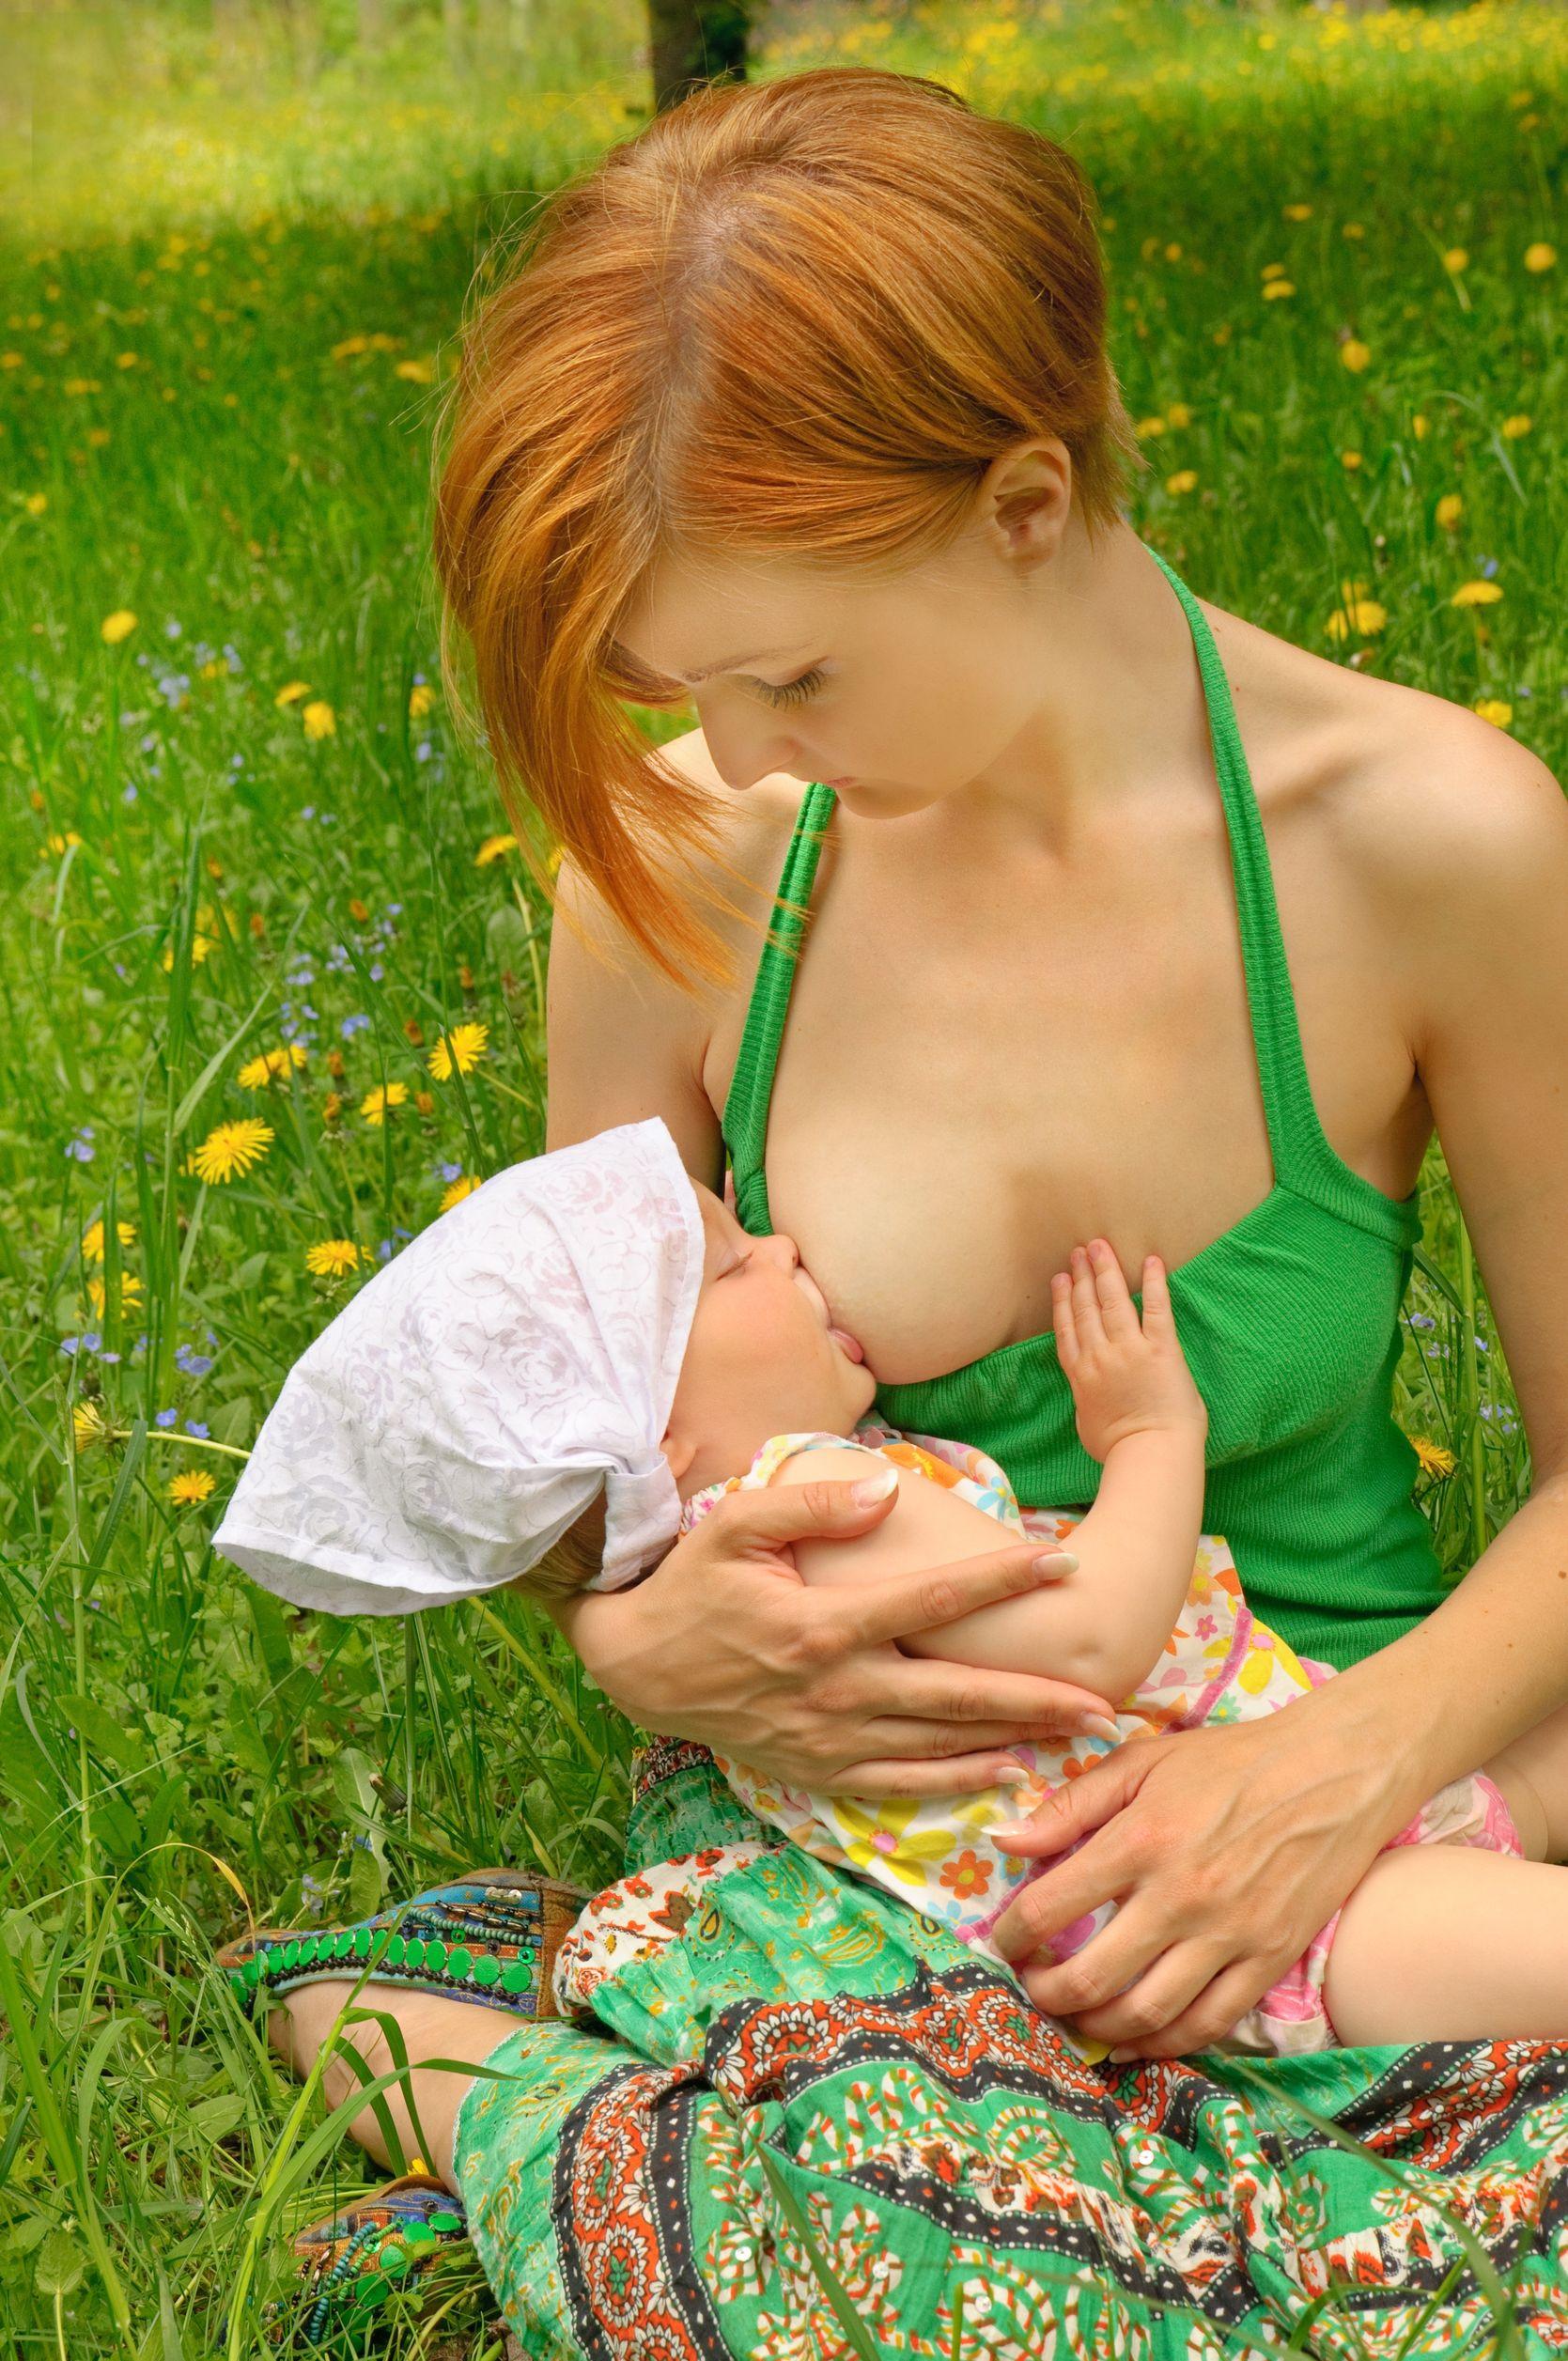 Взрослые мамки и дети фото